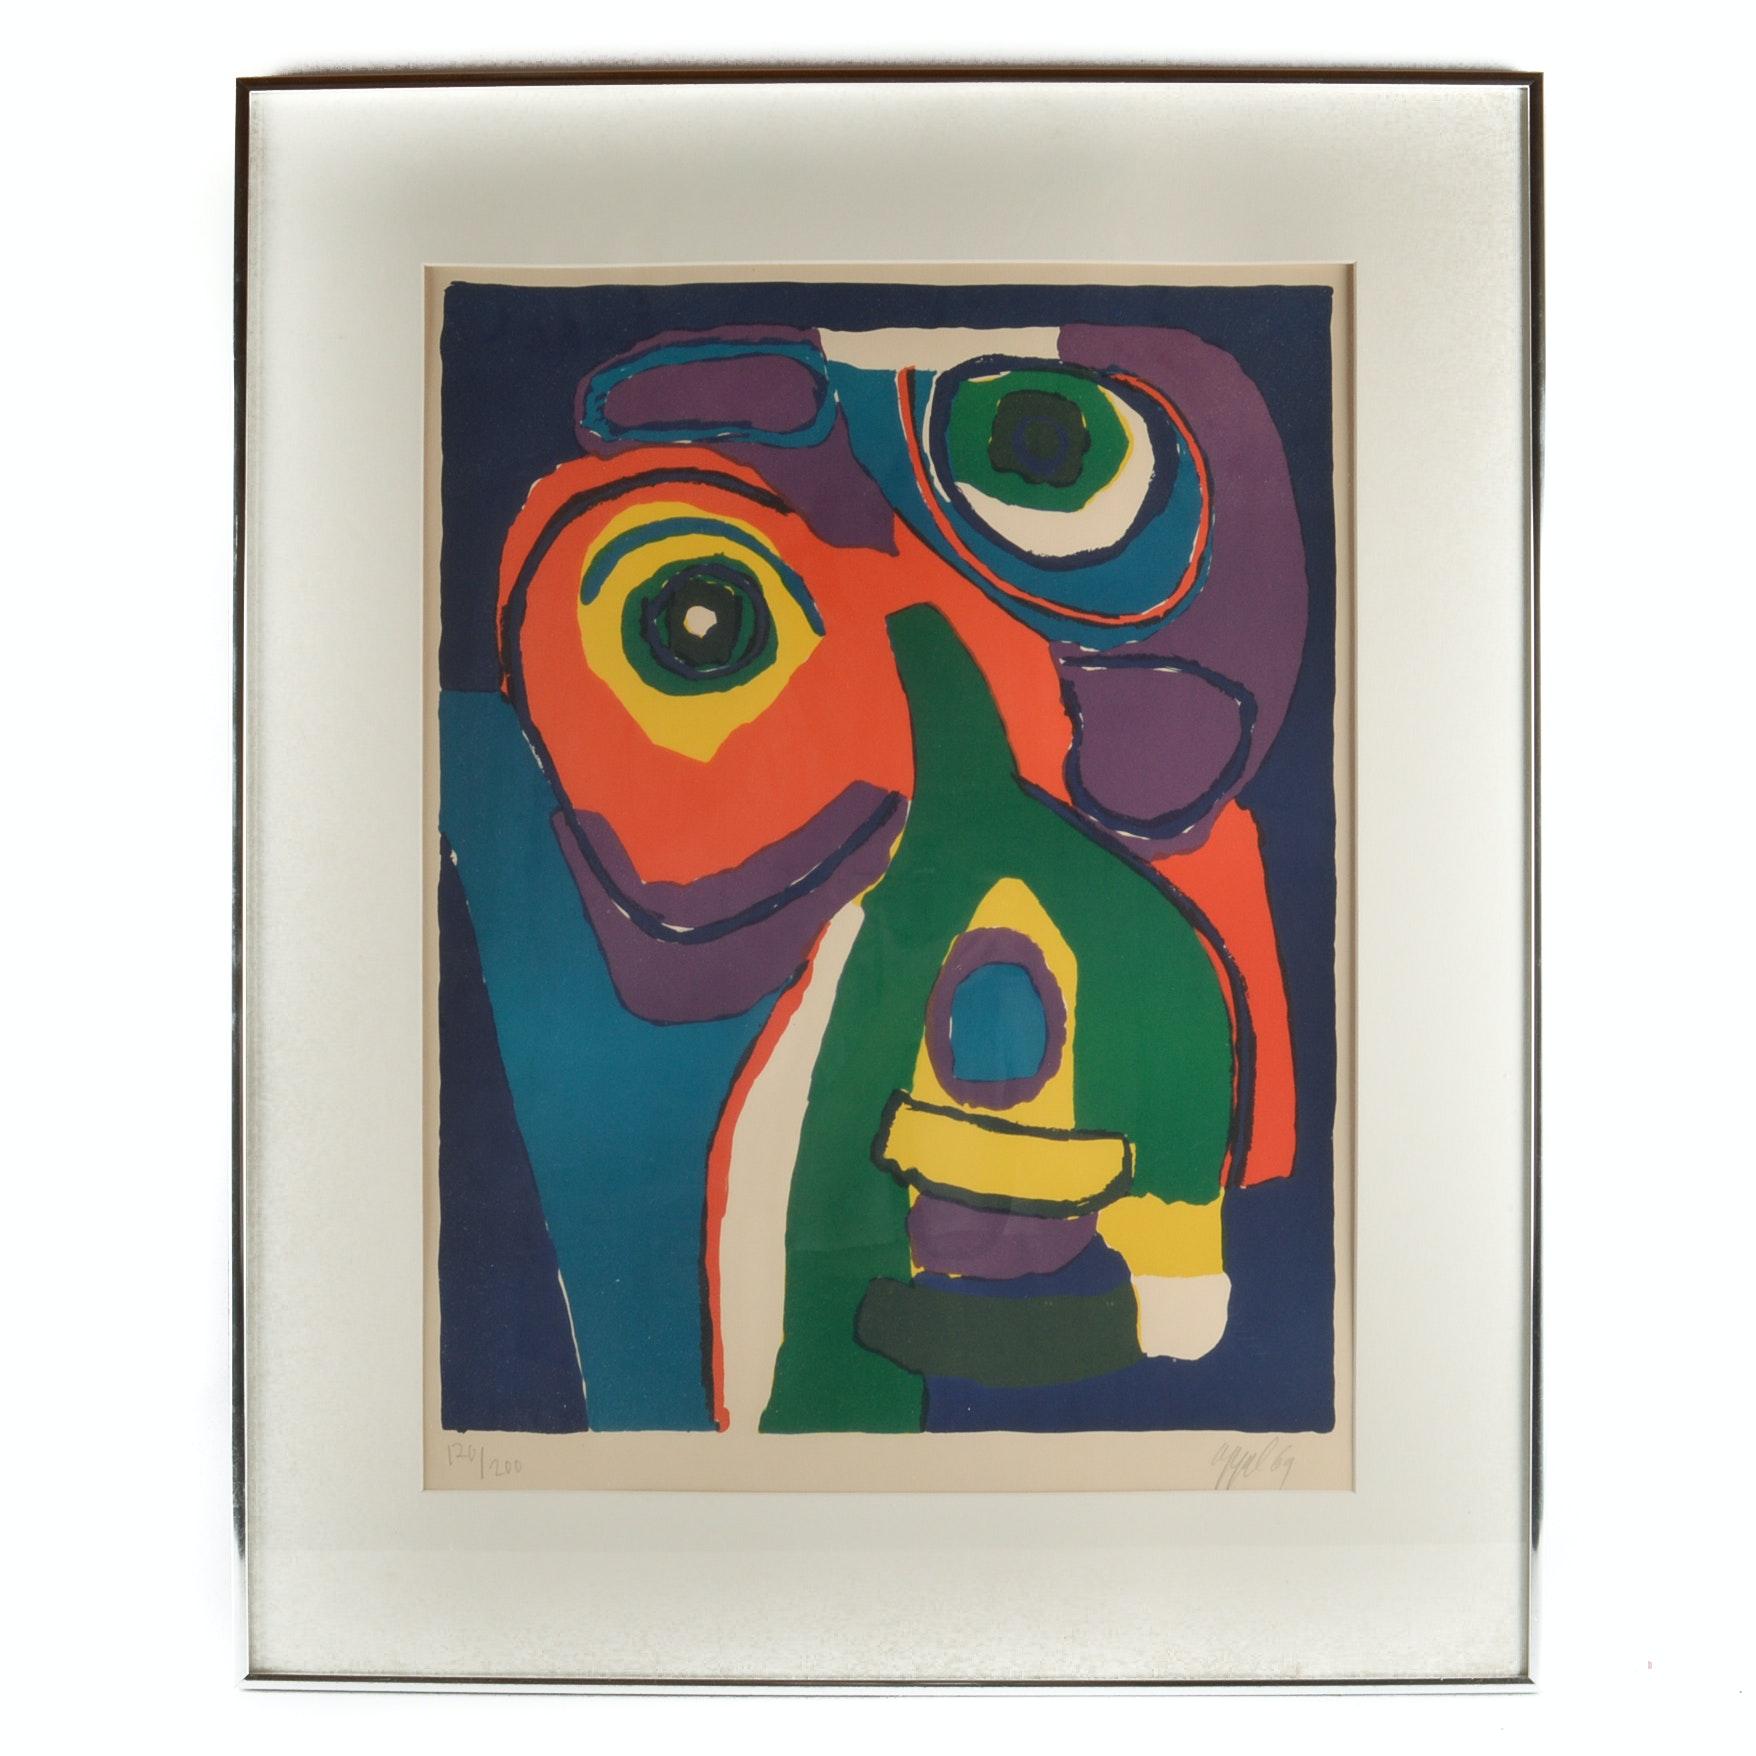 """Karel Appel Framed Limited Edition Signed Lithograph """"Visage Colore"""""""